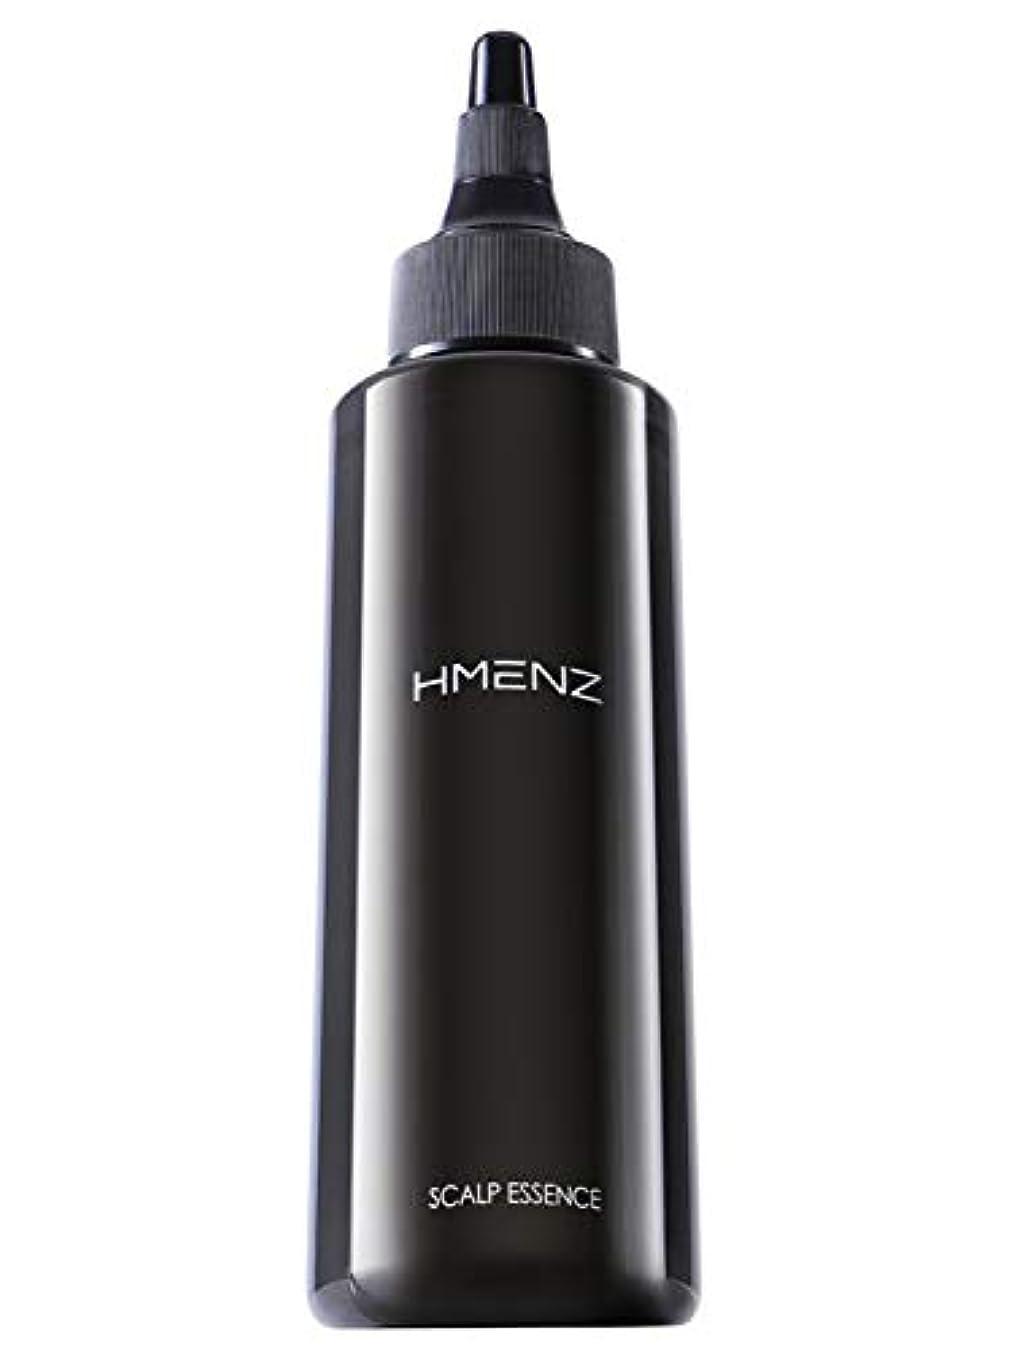 十一ペナルティ若い医薬部外品 HMENZ メンズ 育毛剤 スカルプエッセンス 毛髪エイジングケアシリーズ 和漢根 海藻配合 育毛トニック 120ml